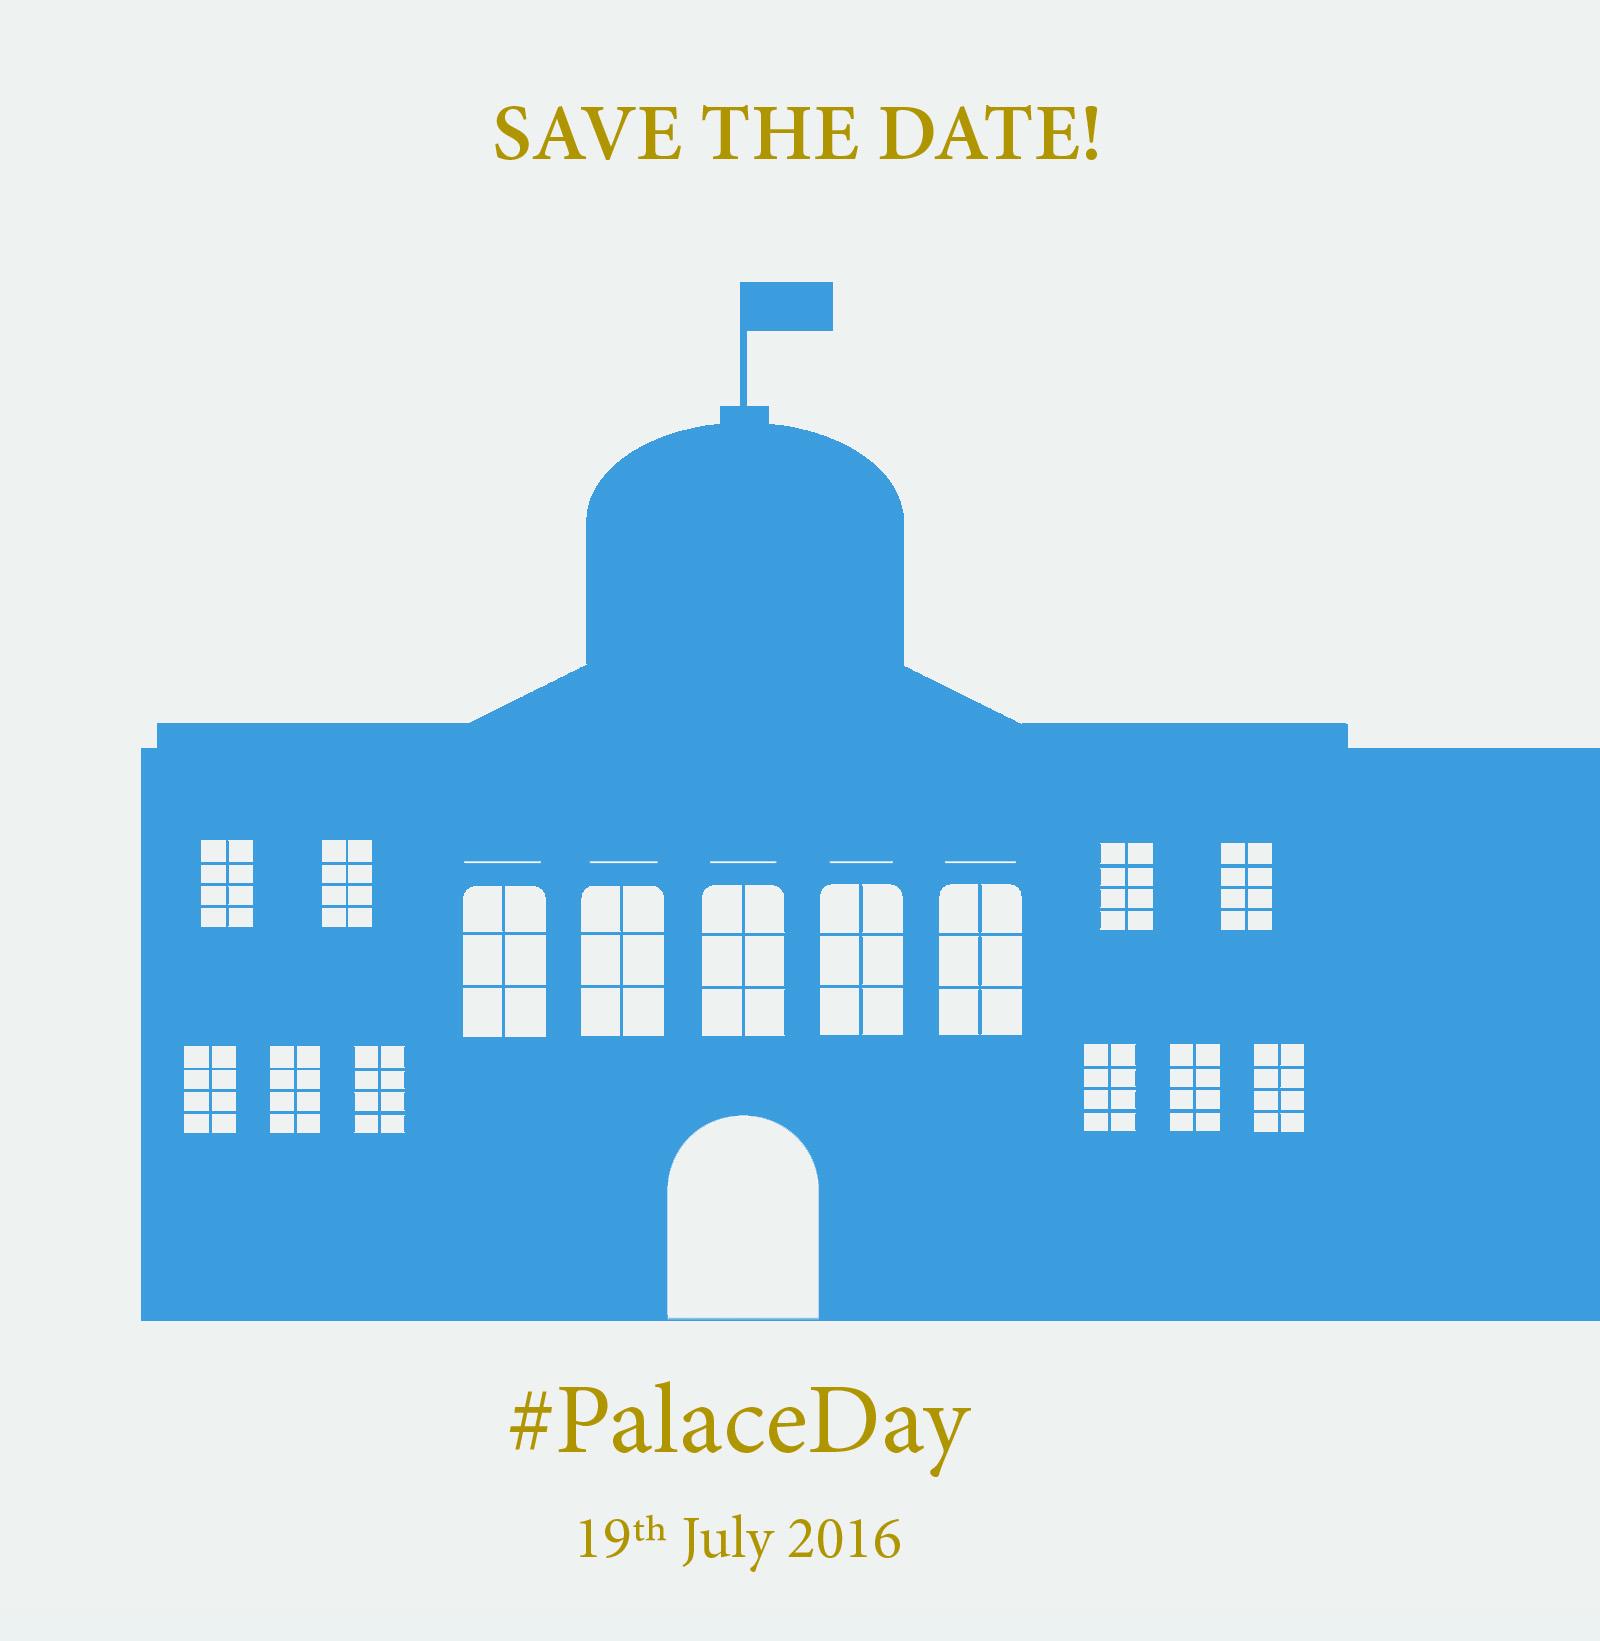 palaceday łazienki królewskie